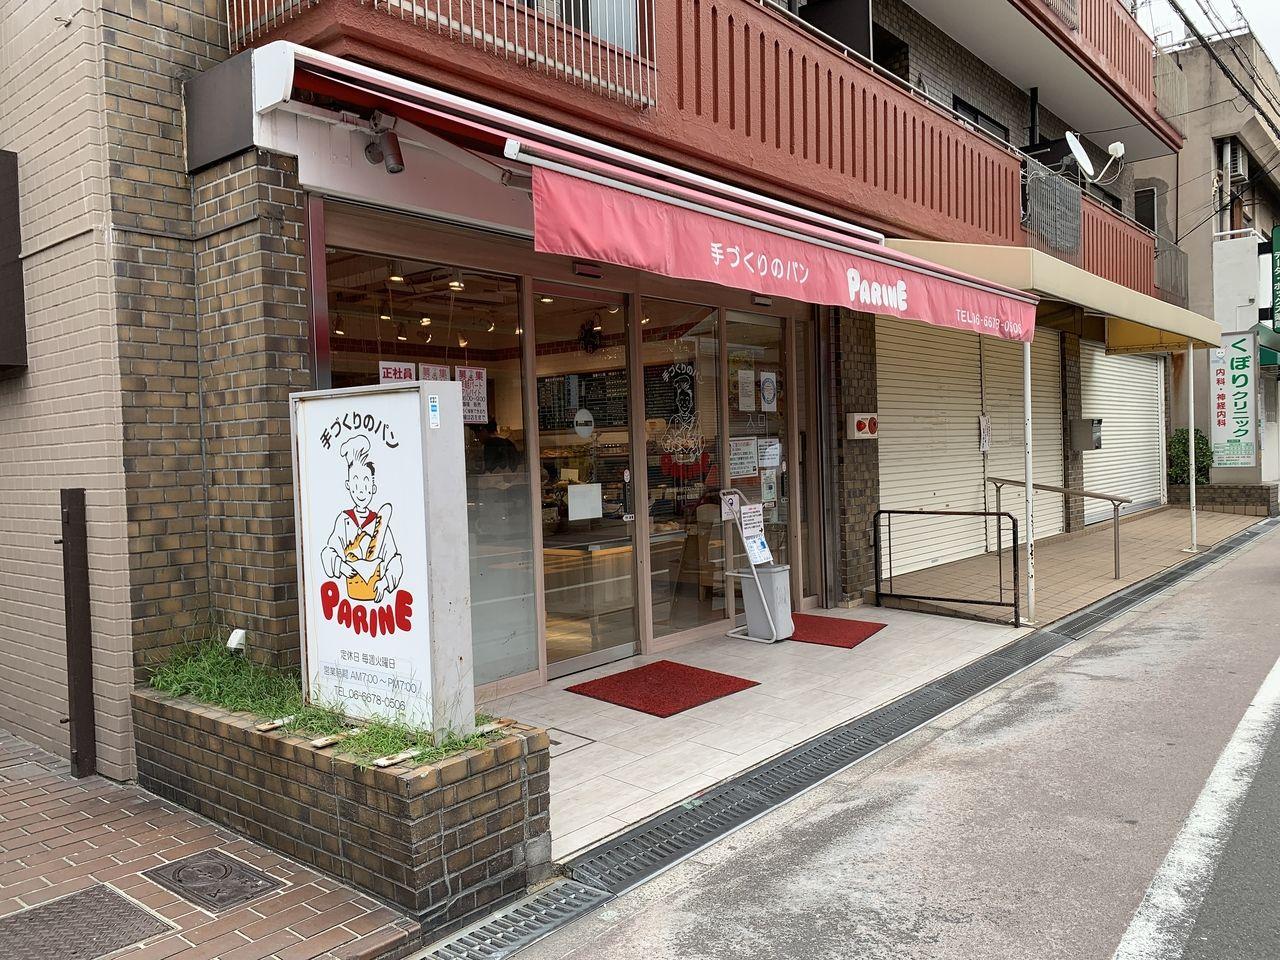 有名店「パリーネ住之江店」さんの外観写真